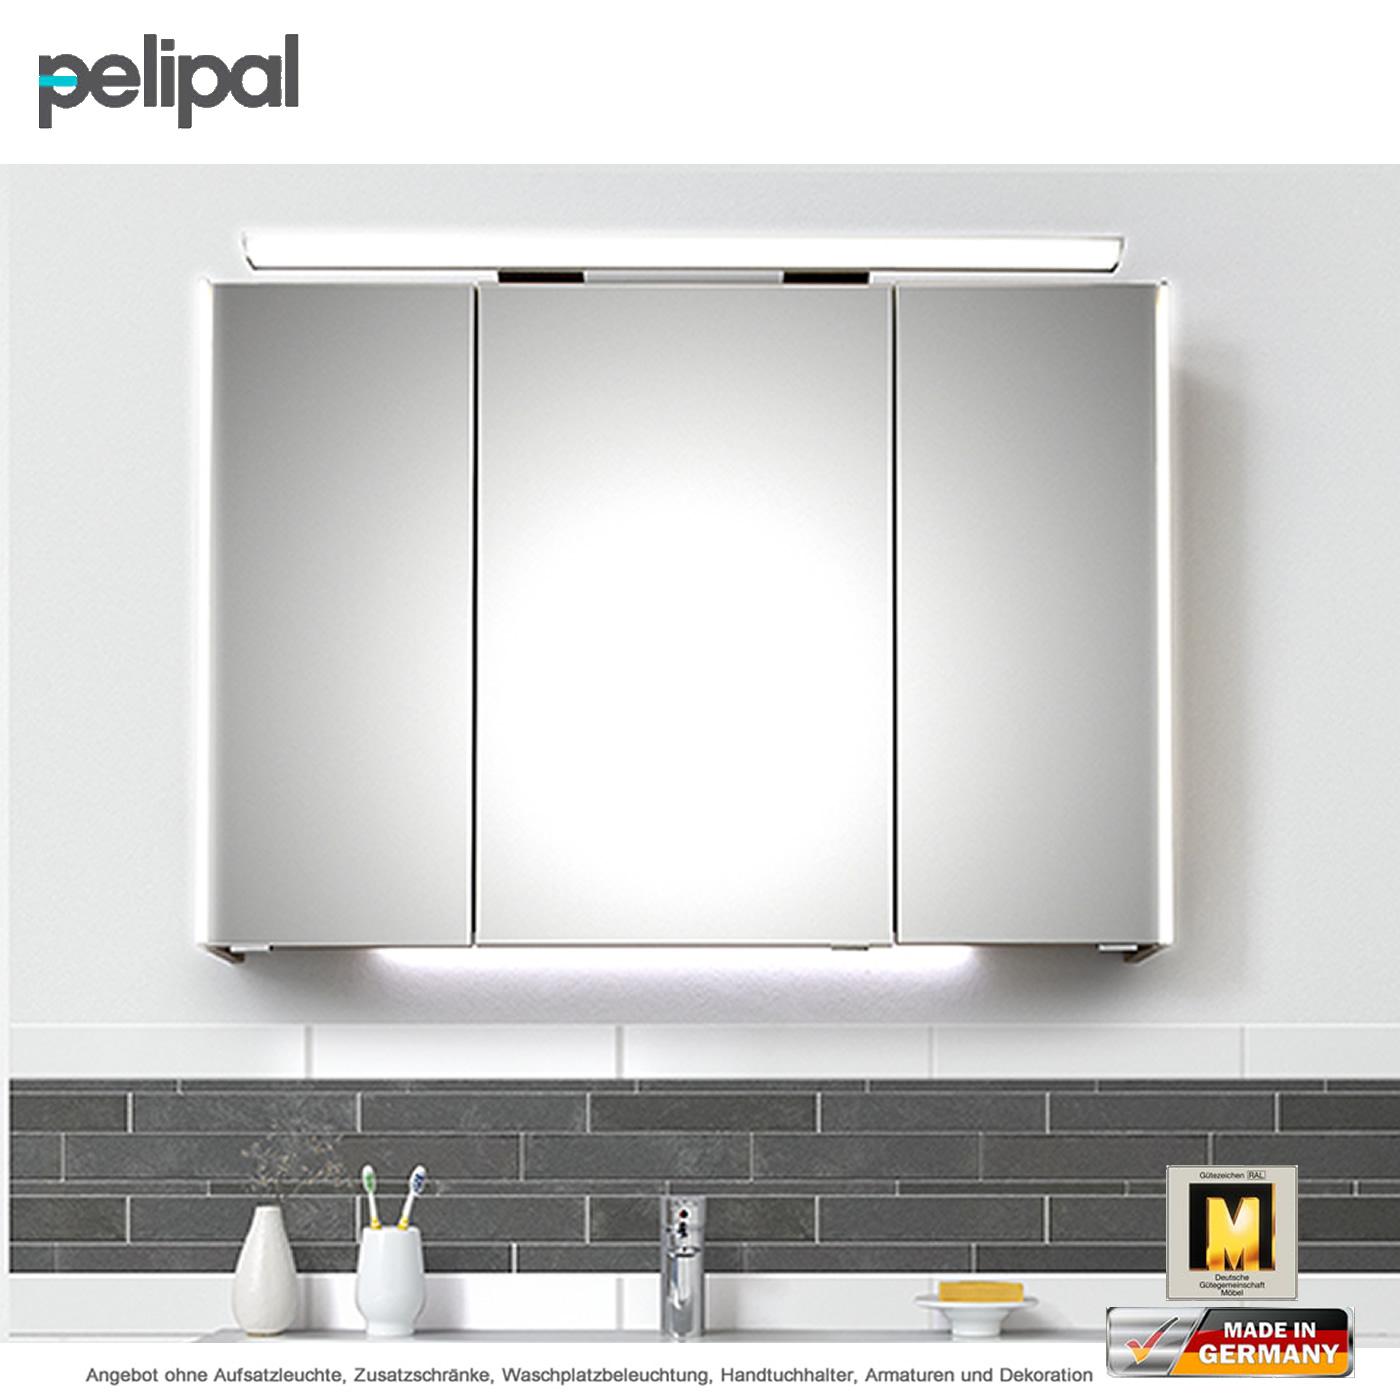 Pelipal Solitaire 9005 Spiegelschrank 100 Cm Mit Seitlicher Led